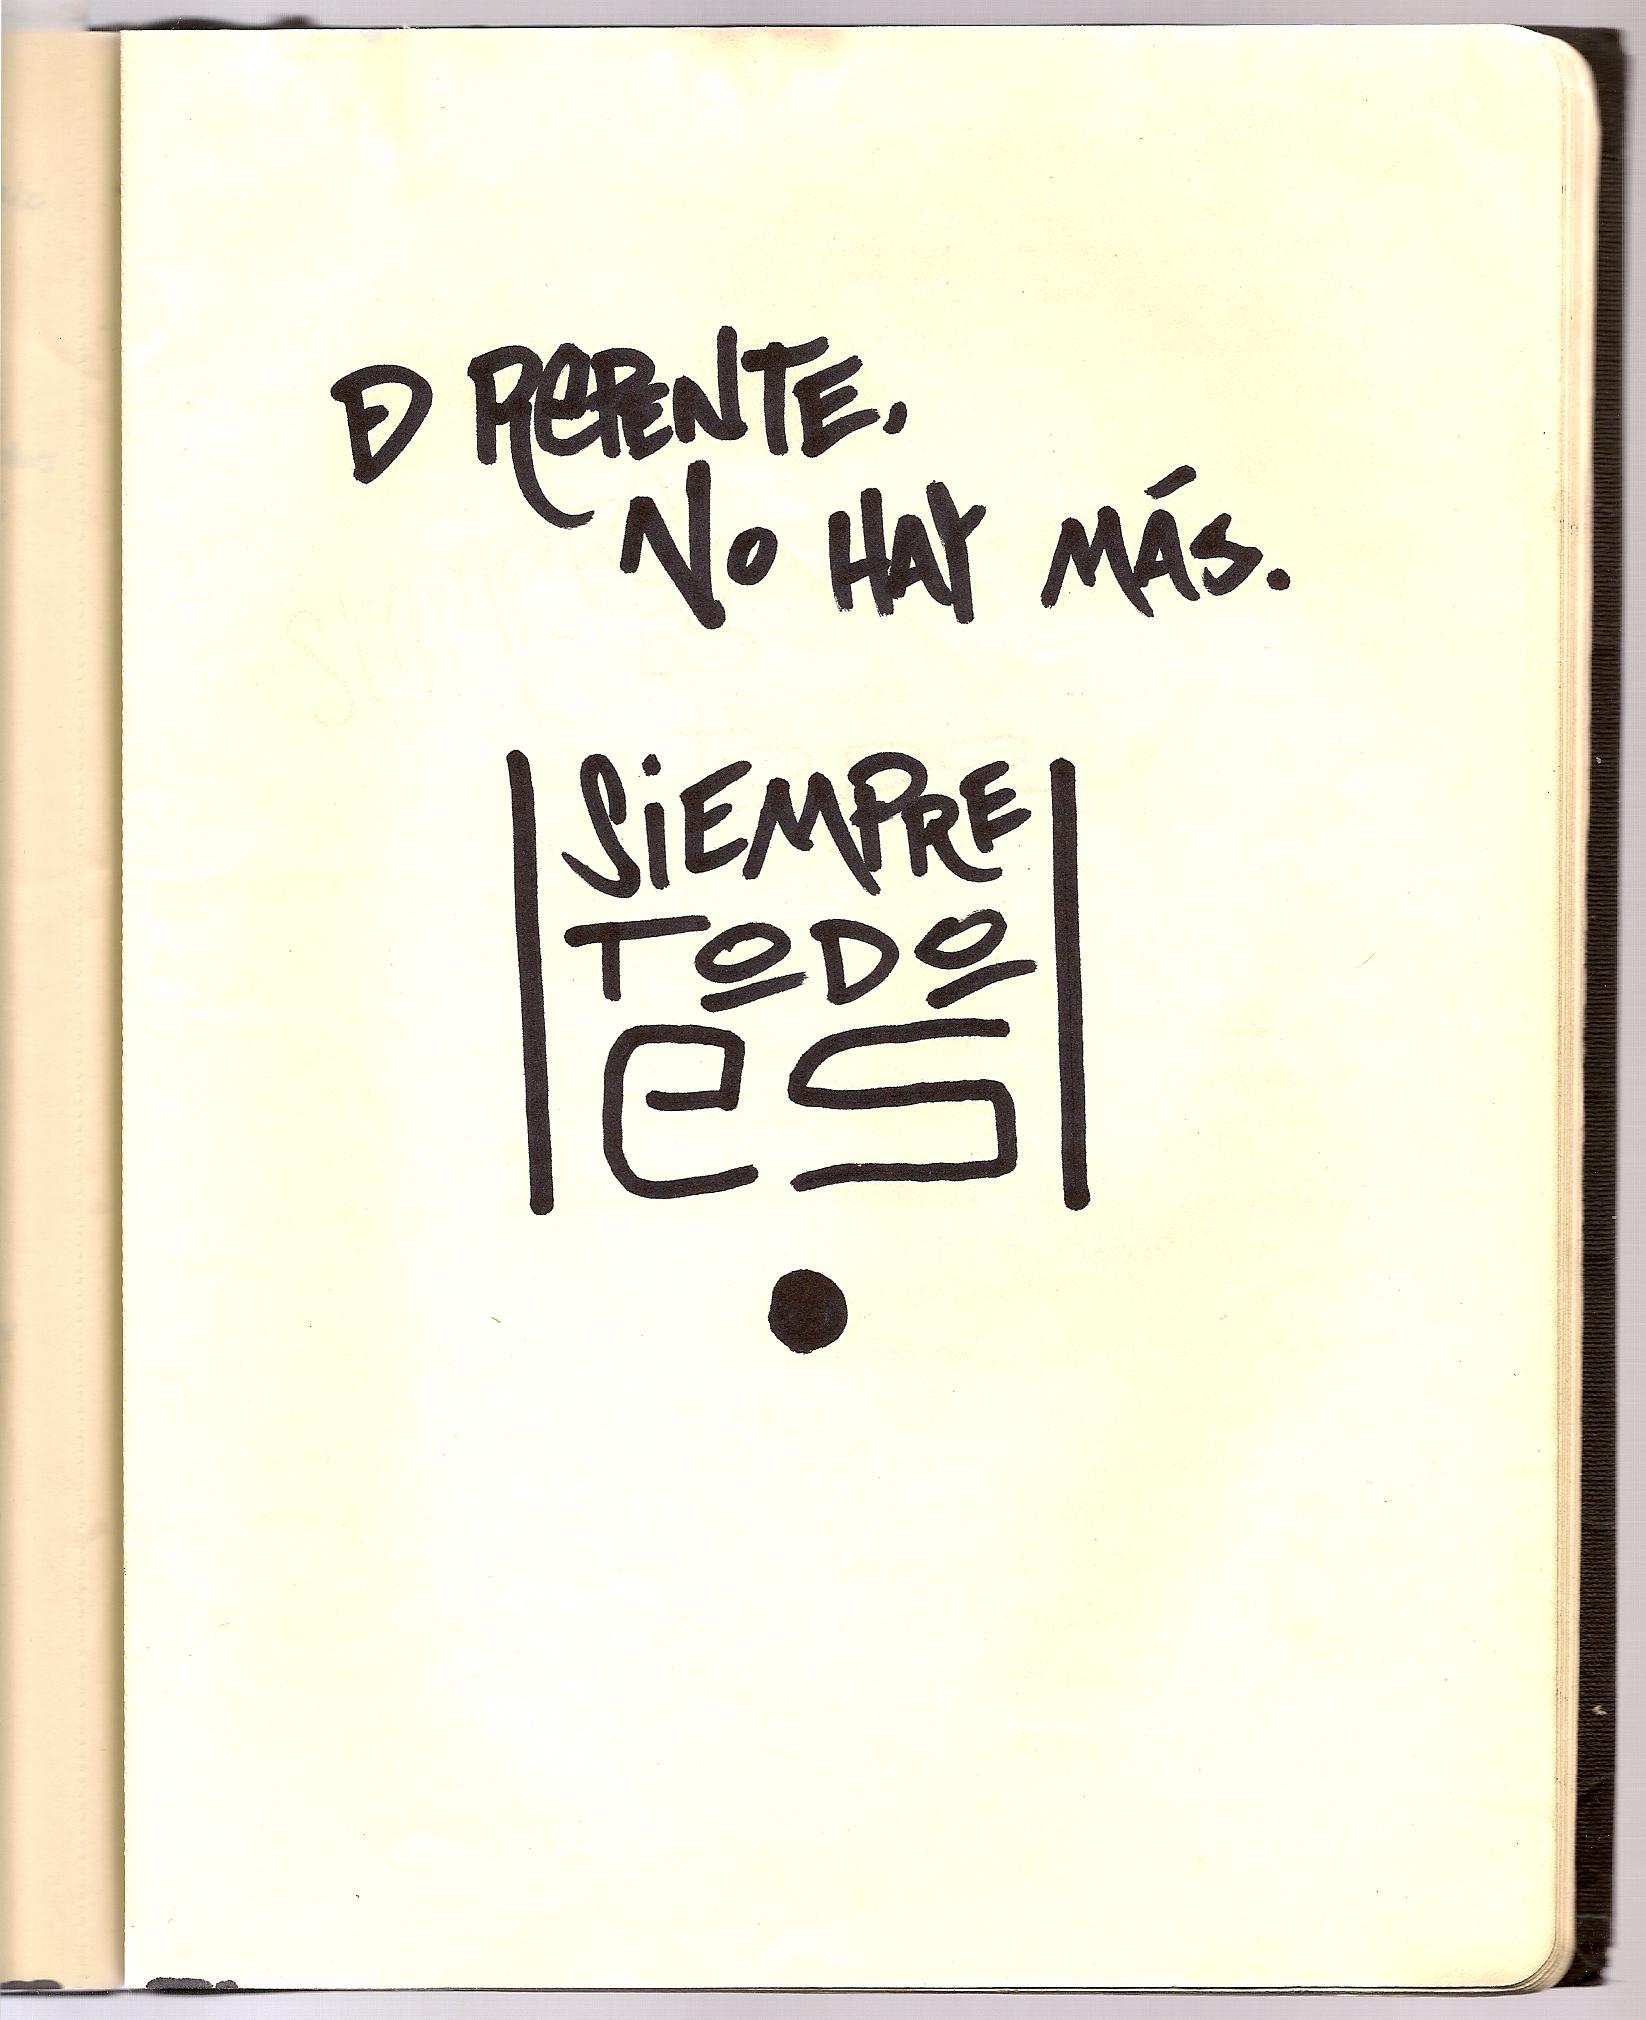 21_siempre-todo-es.jpg